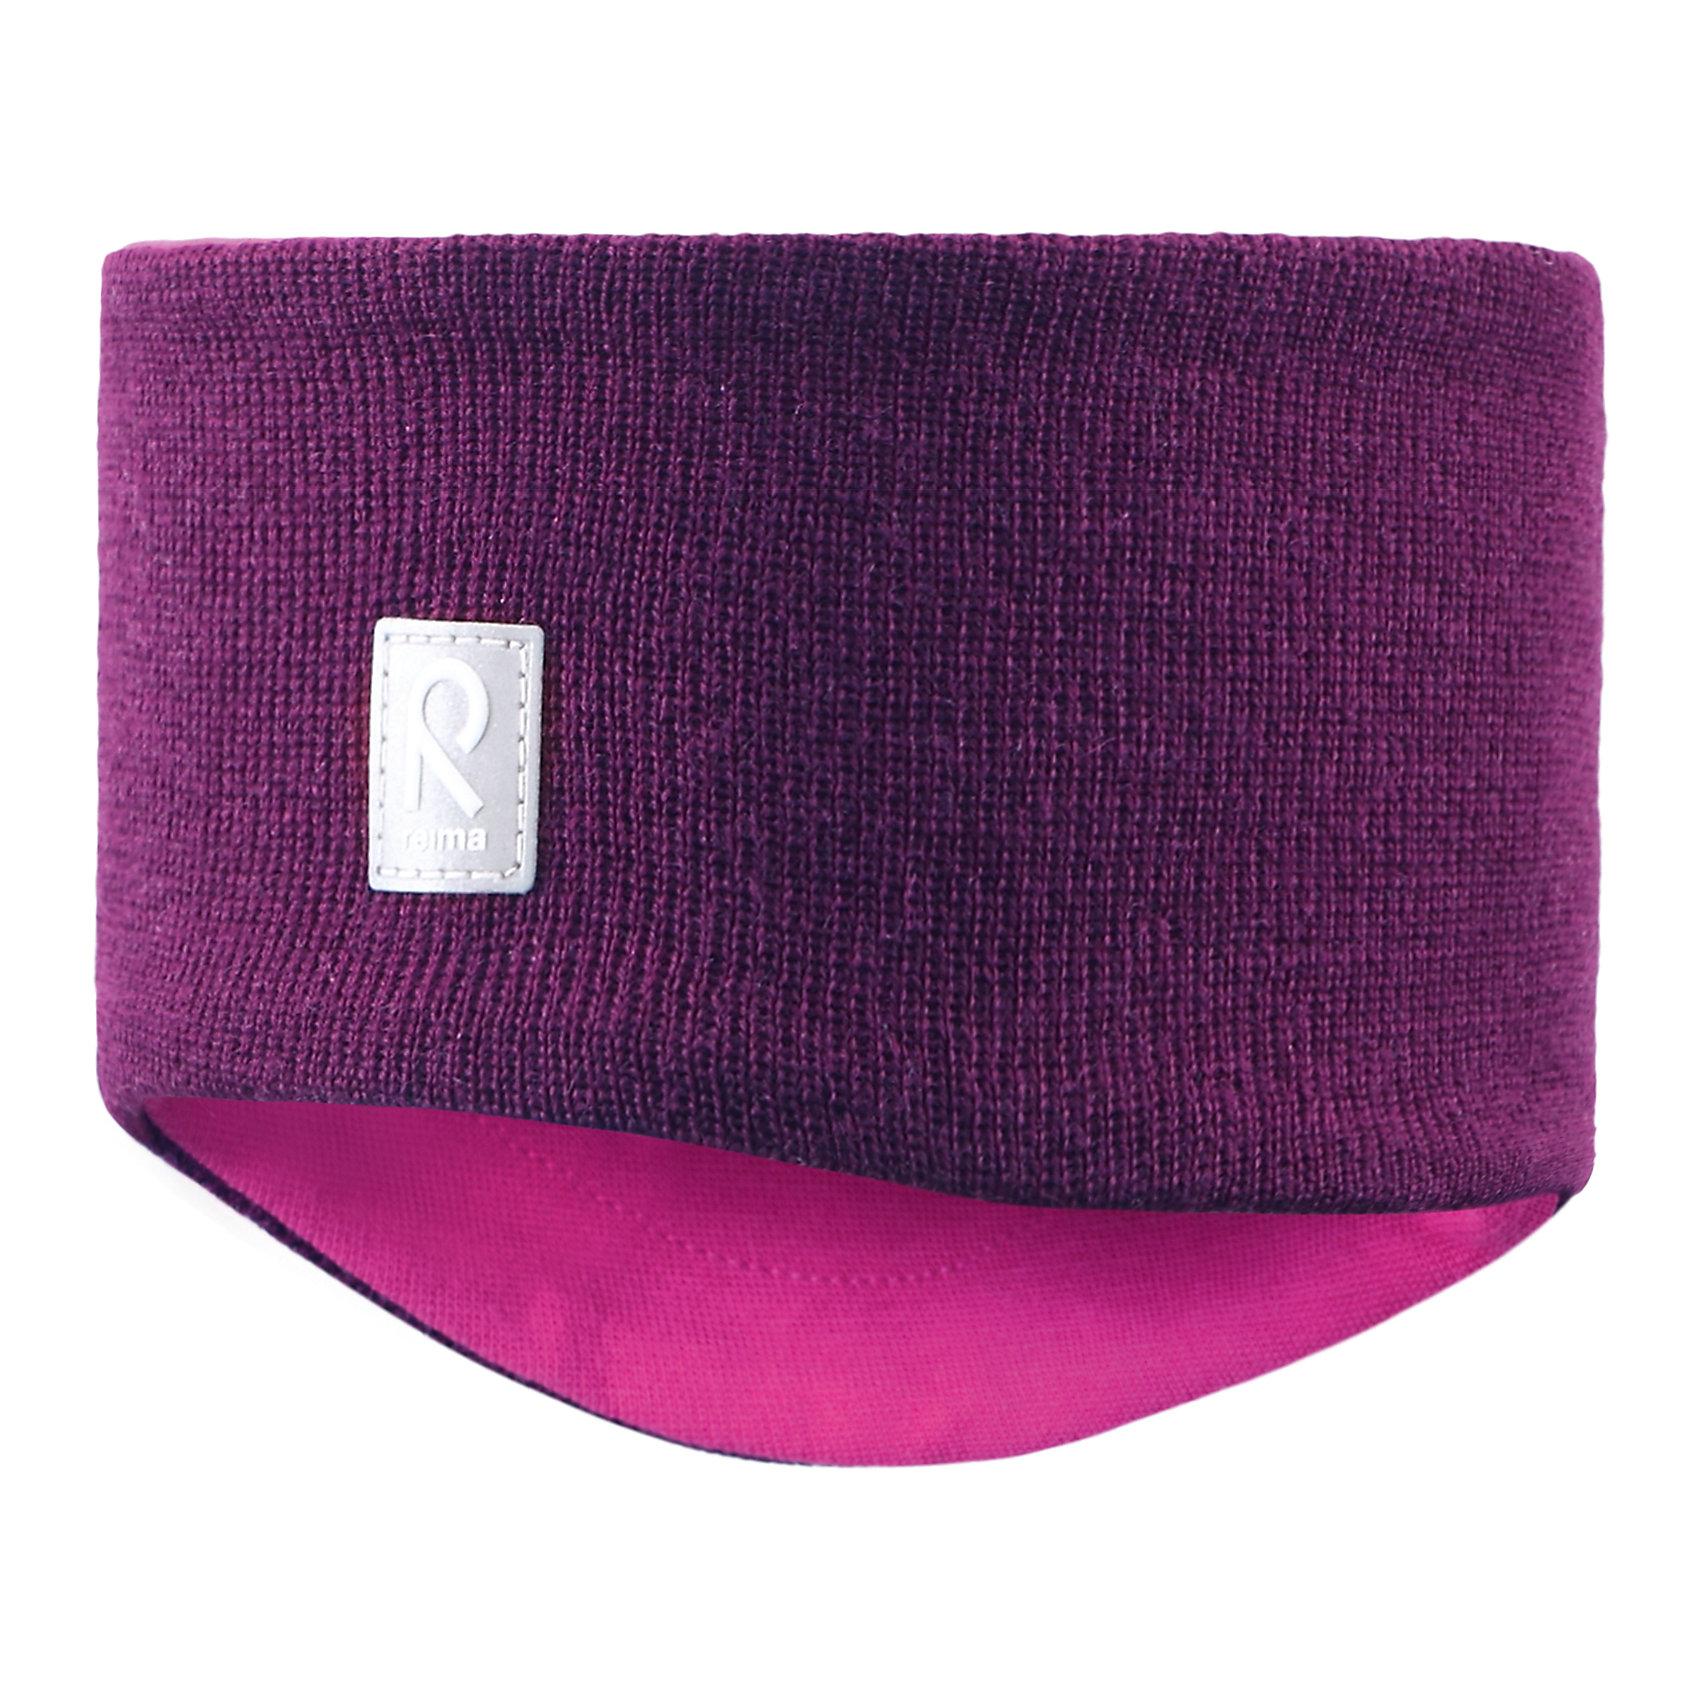 Reima Повязка на голову Tails для девочки Reima аксессуары s'cool повязка на голову для девочек городские огни